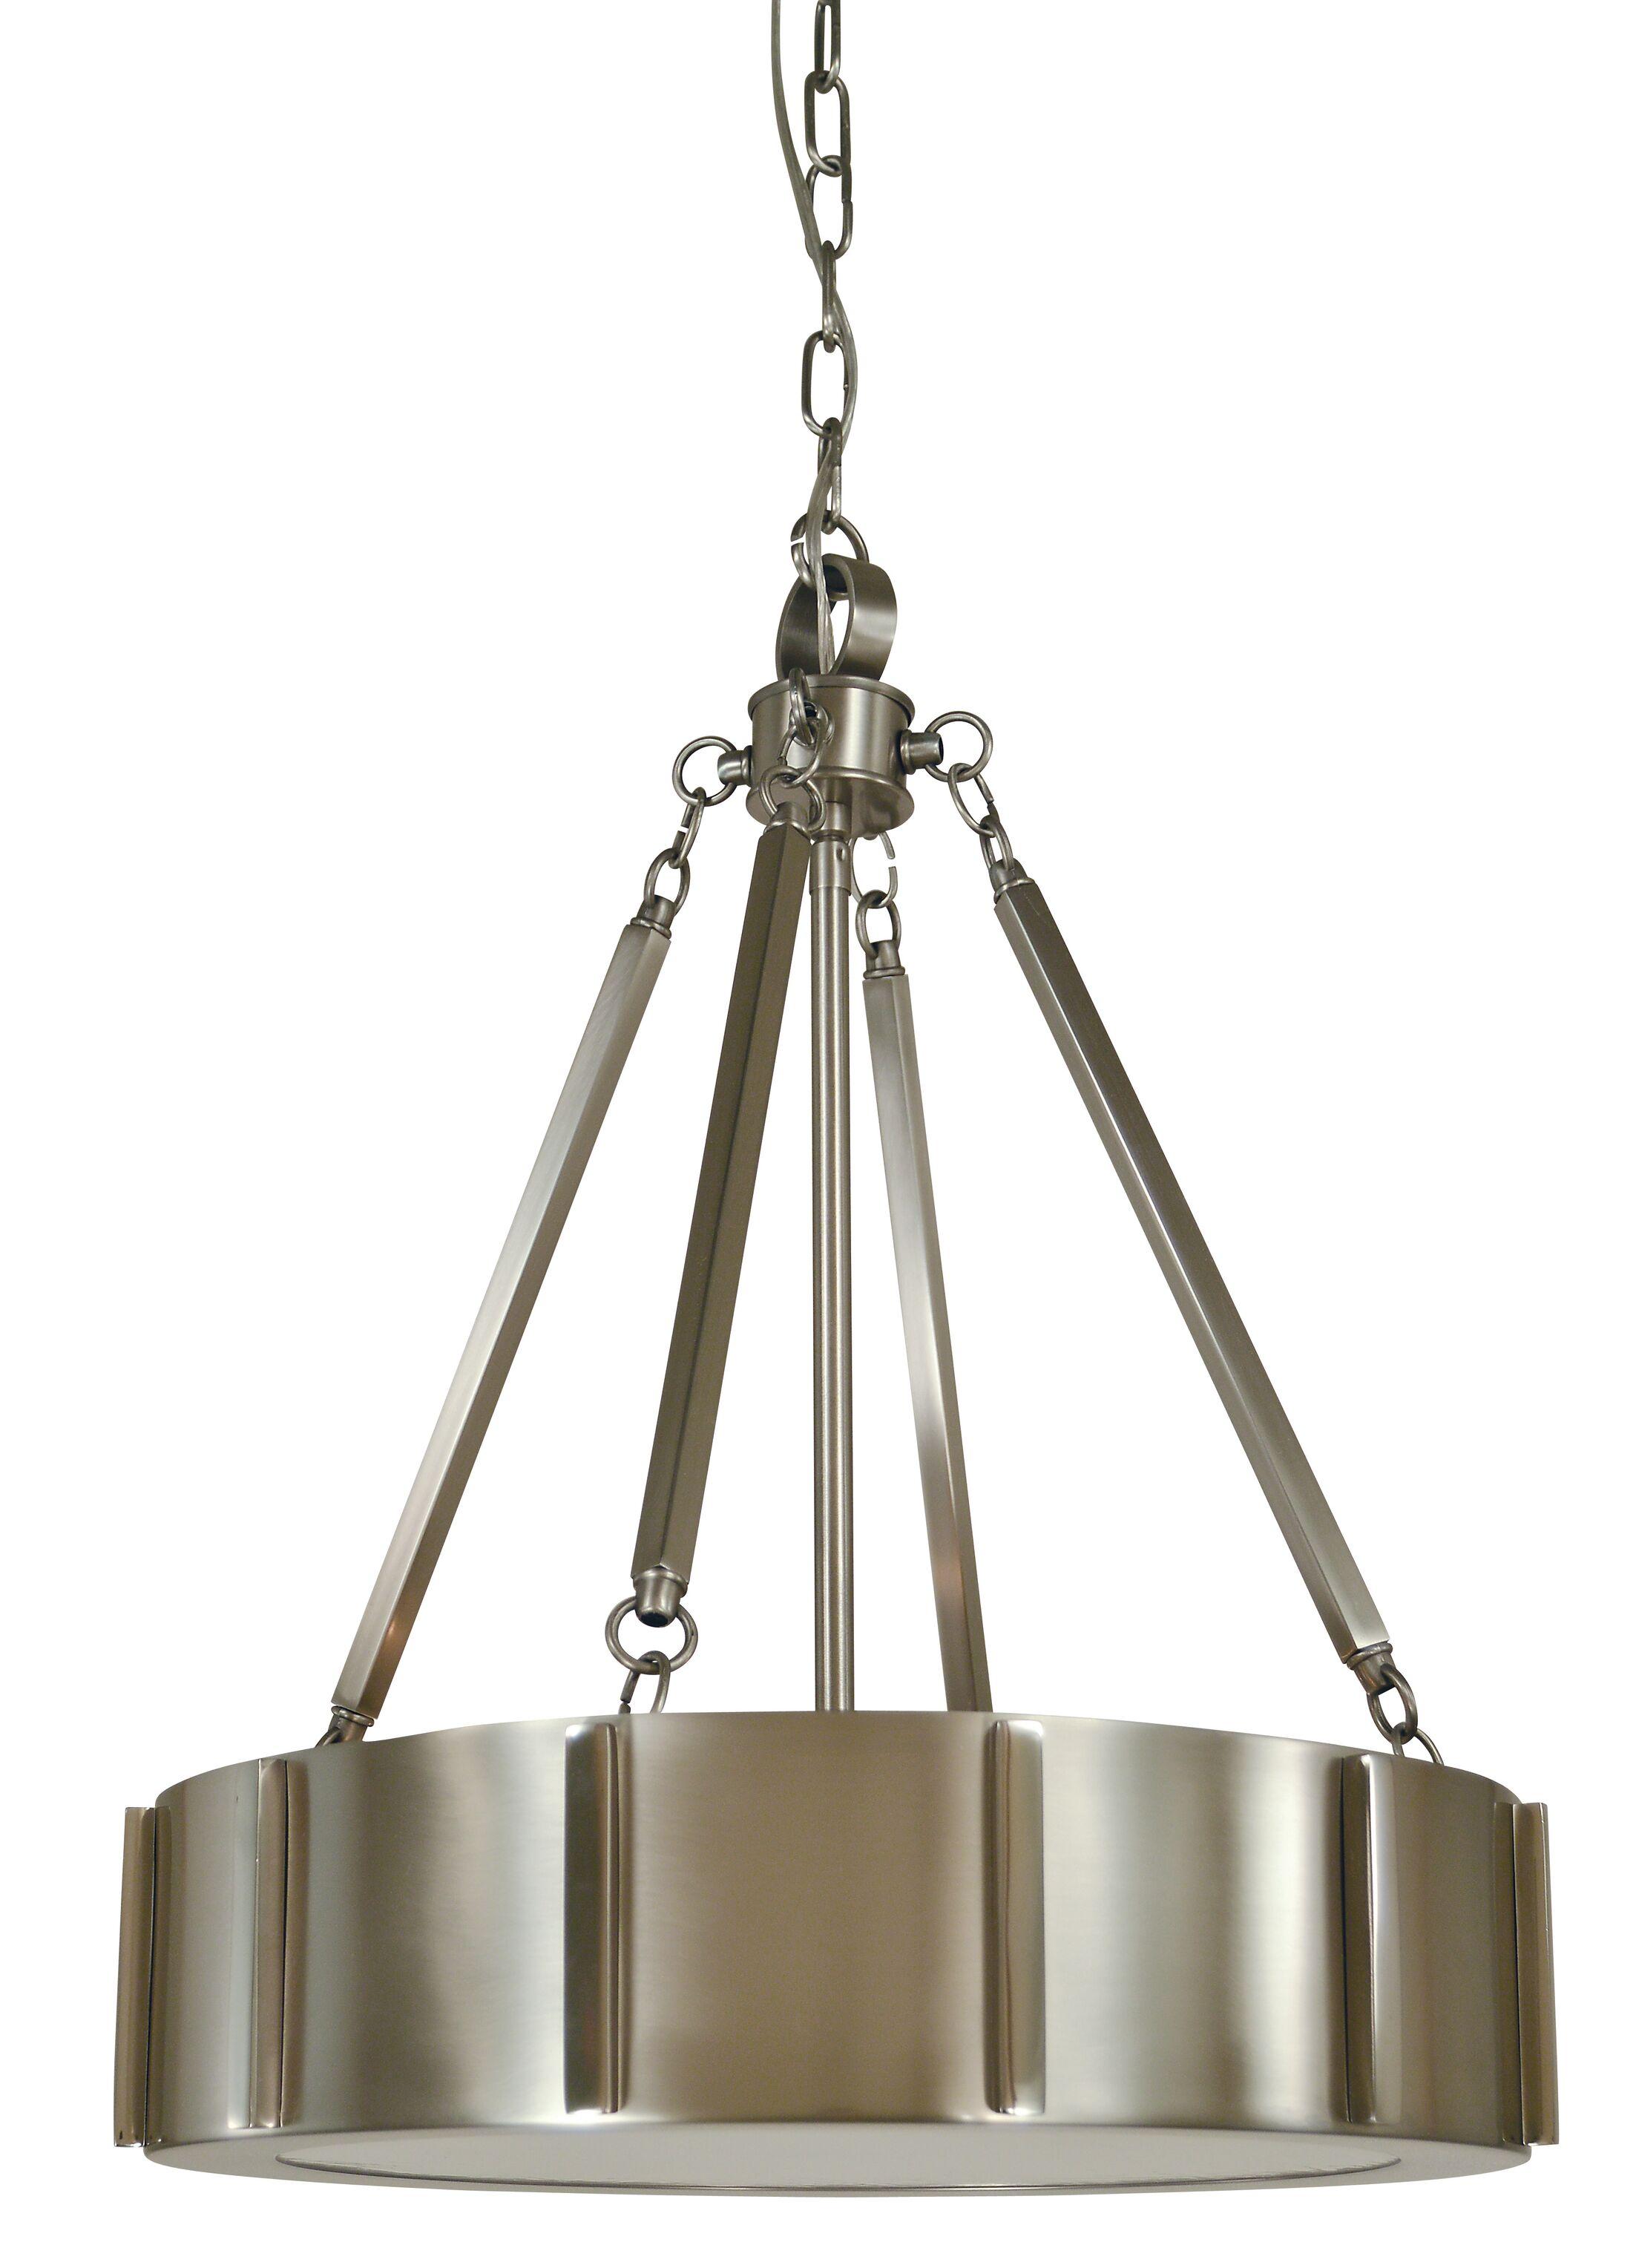 Pantheon 4-Light Pendant Color: Matte Black / Polished Nickel, Size: 25